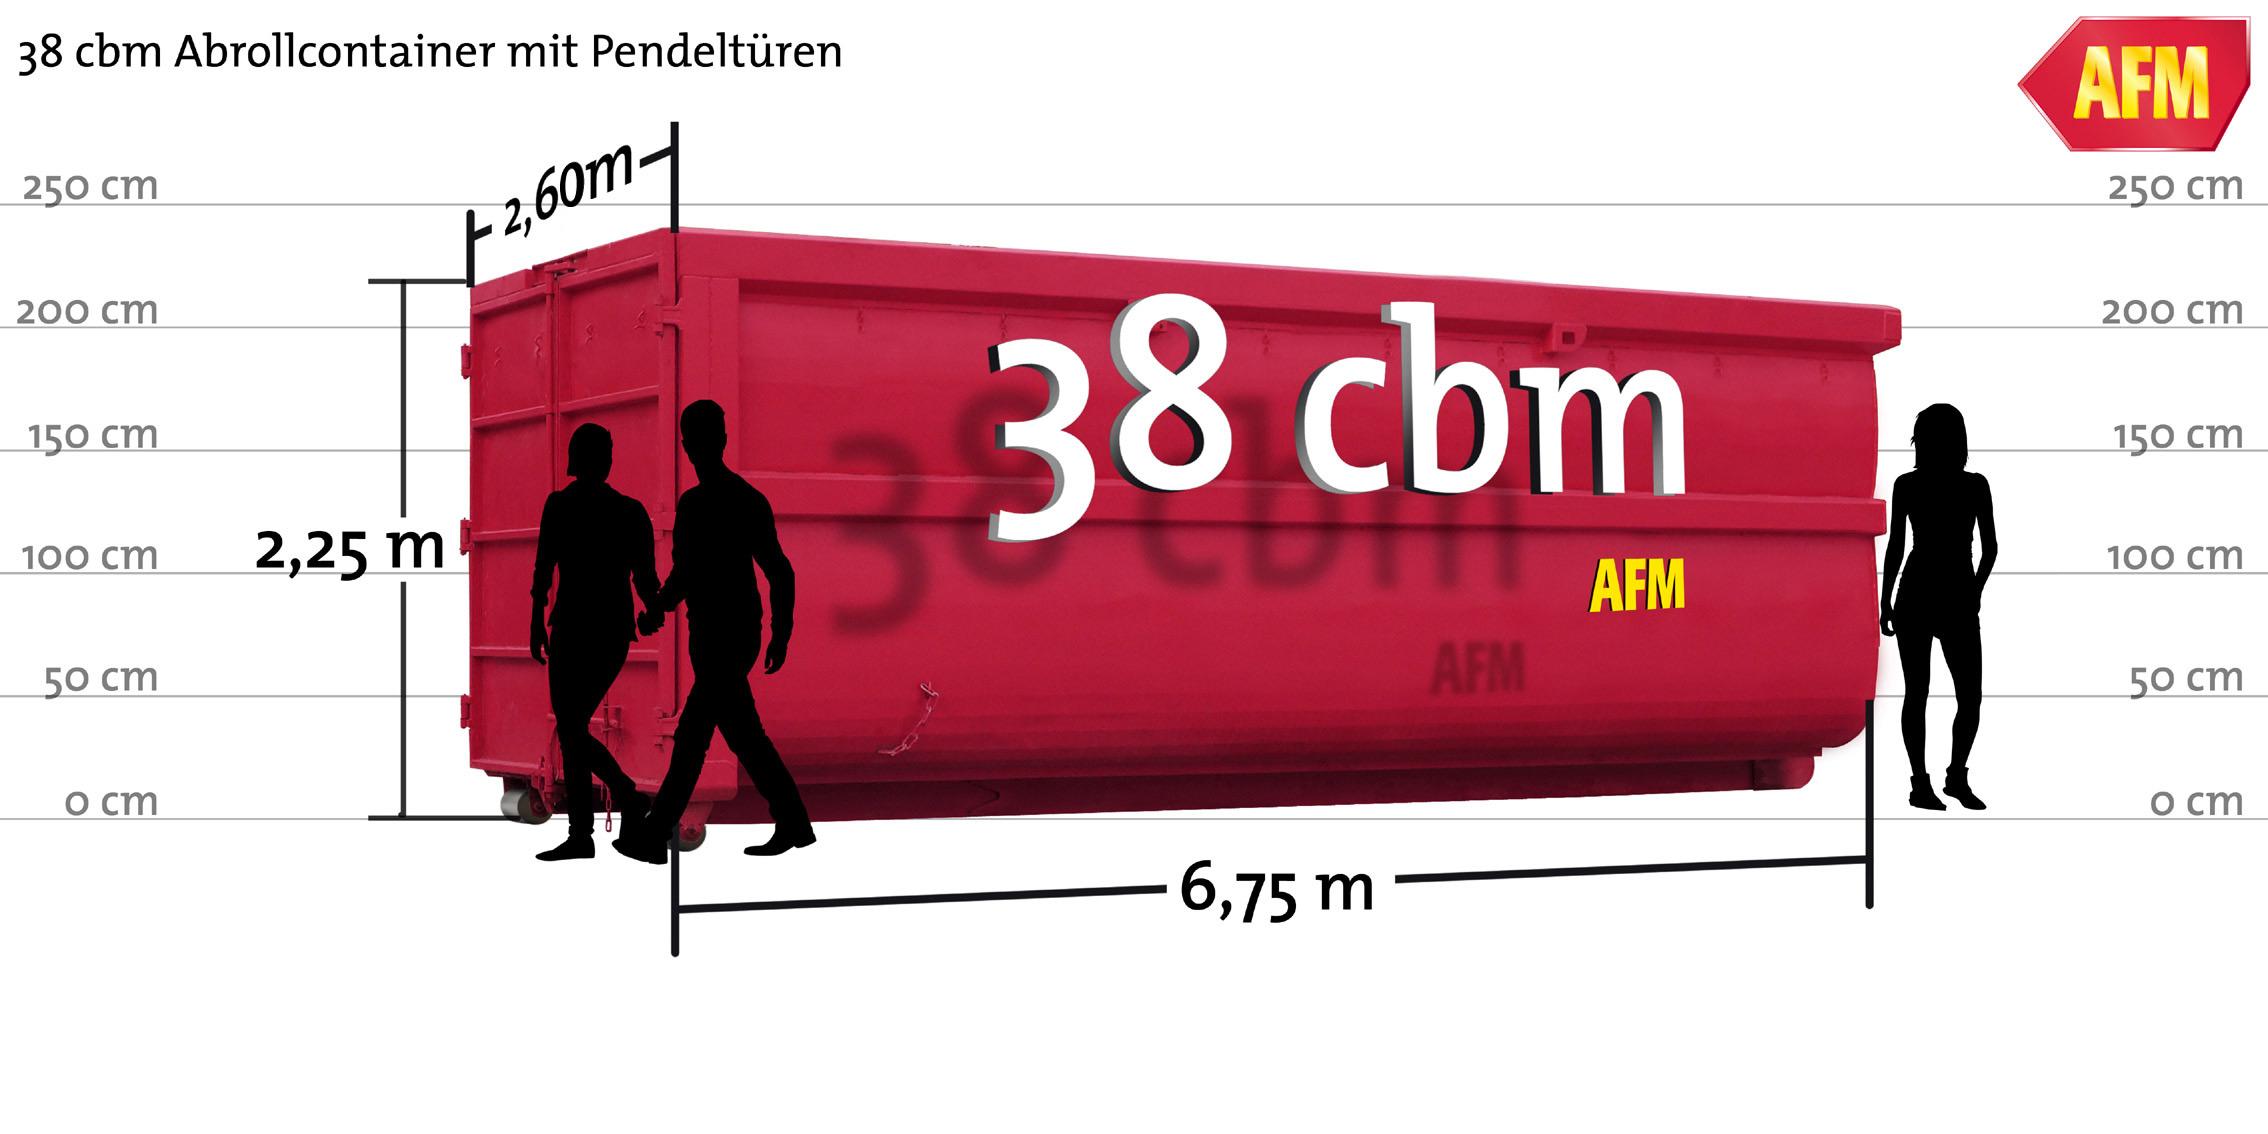 Abroll-Container mit Pendeltüren 38cbm